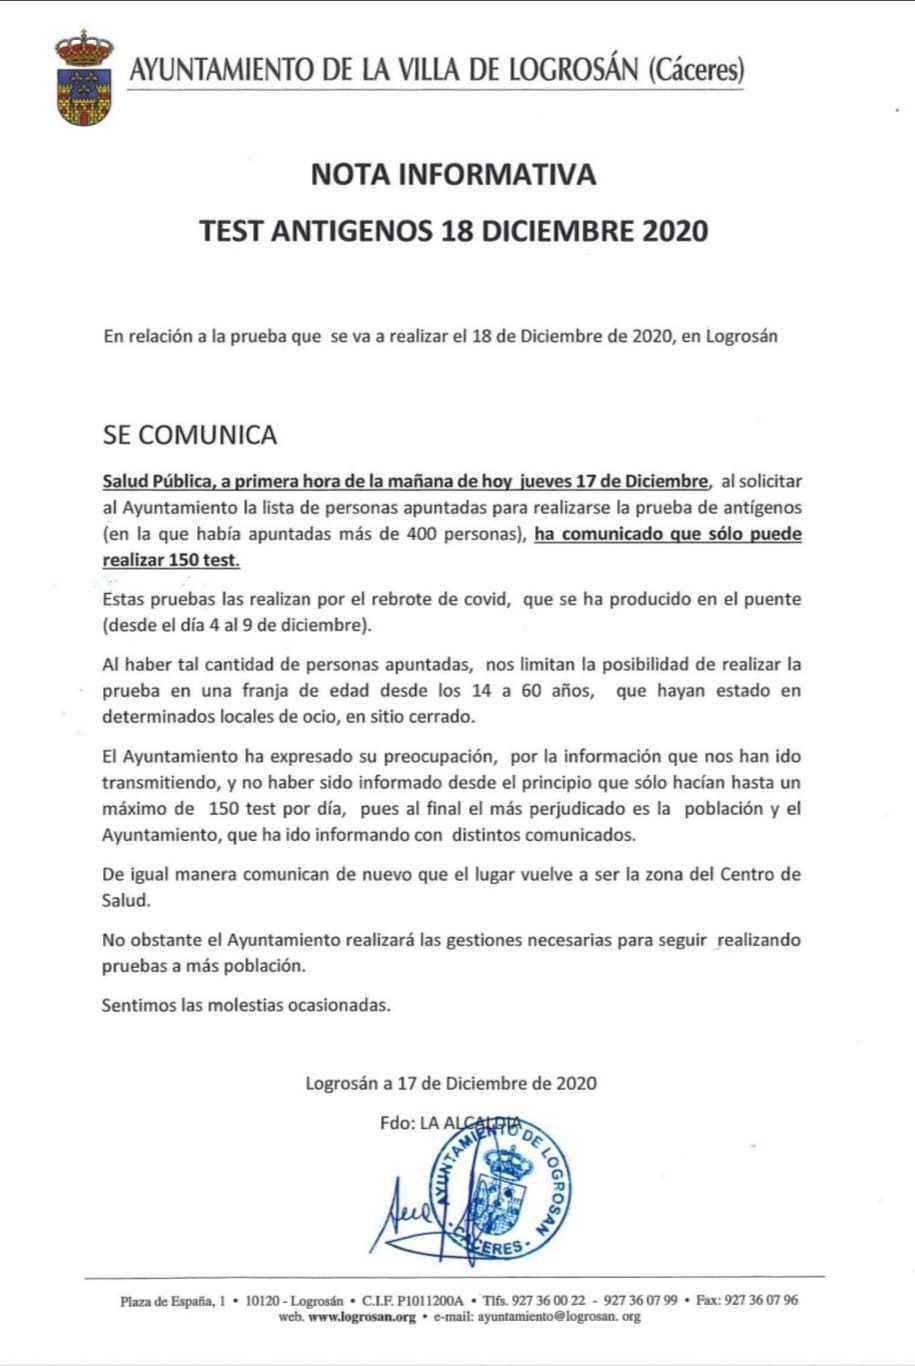 31 casos positivos activos de COVID-19 (diciembre 2020) - Logrosán (Cáceres) 2